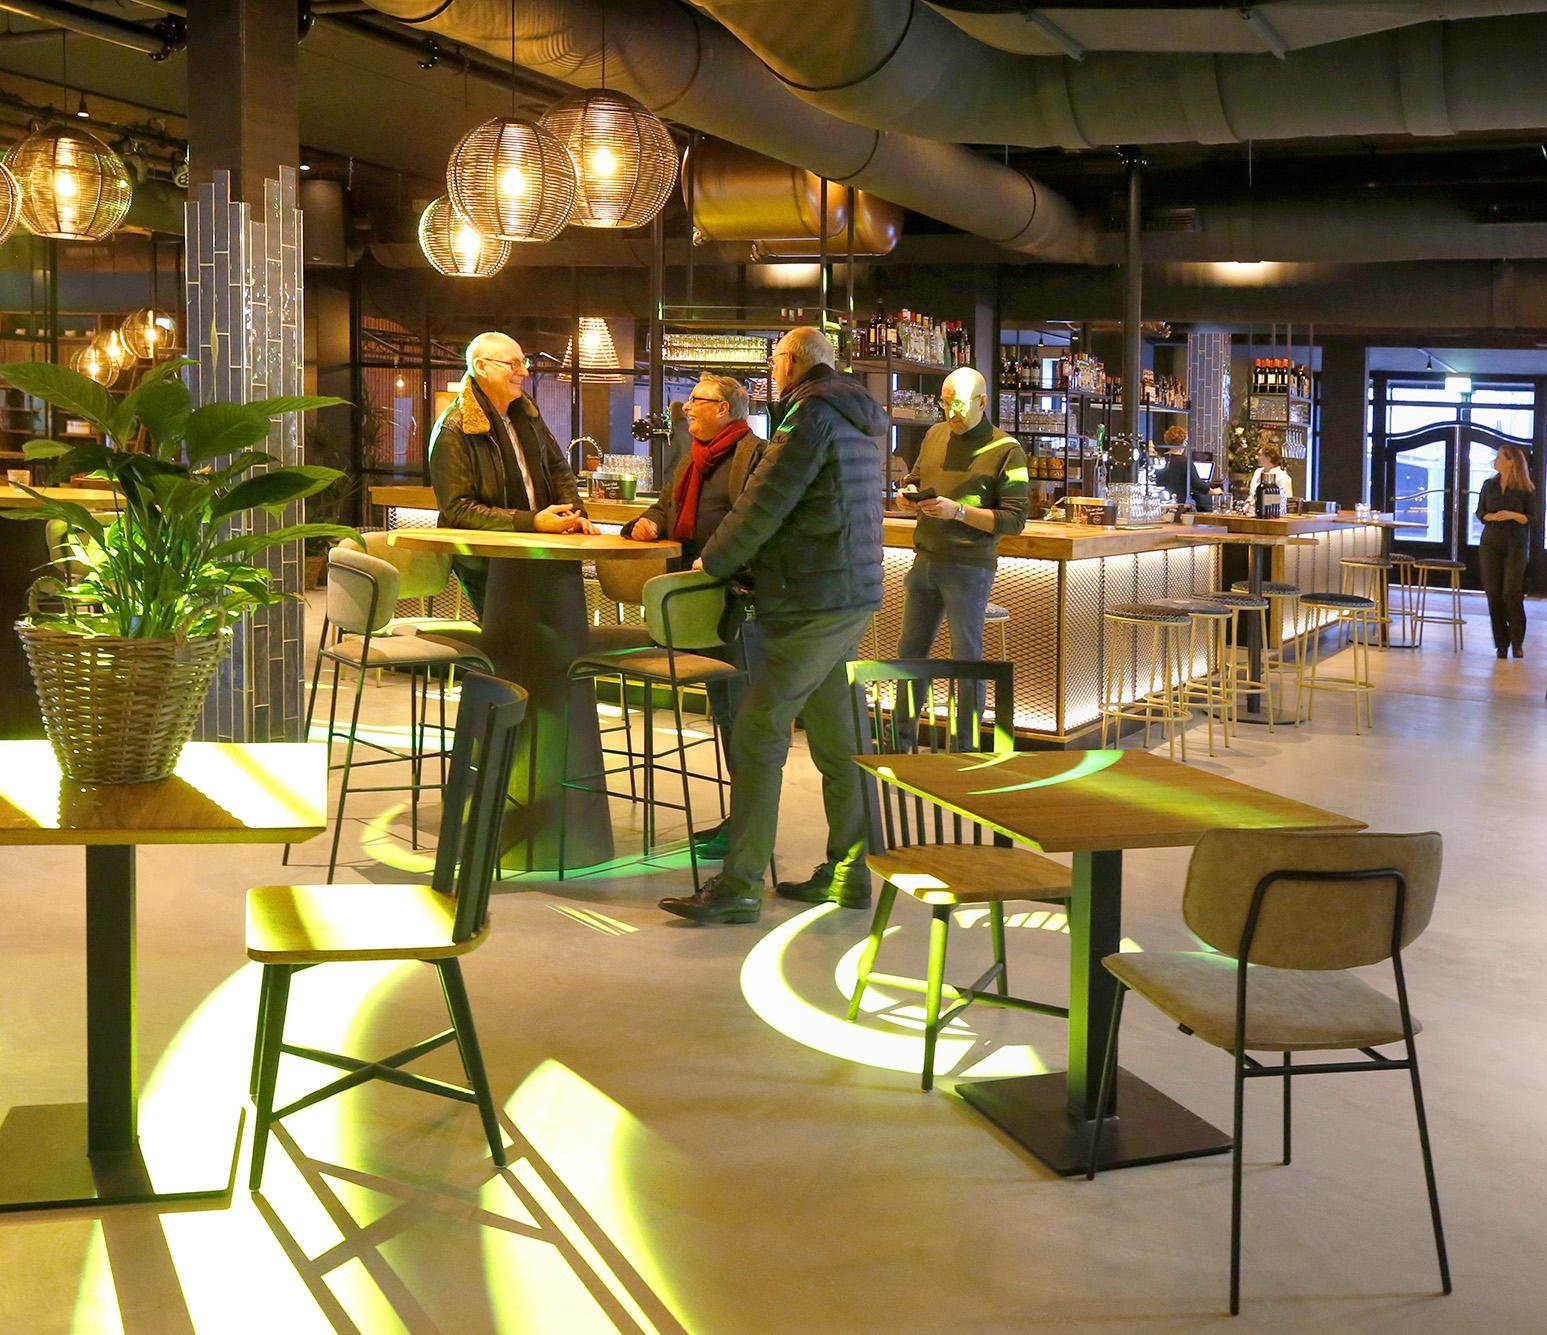 Schuldeiser OT Design heeft spullen terug uit restaurant van Hotel Marktstad; Schildersbedrijf Jac Vink kreeg tegemoetkoming 'uit coulance' van nieuwe hoteleigenaar